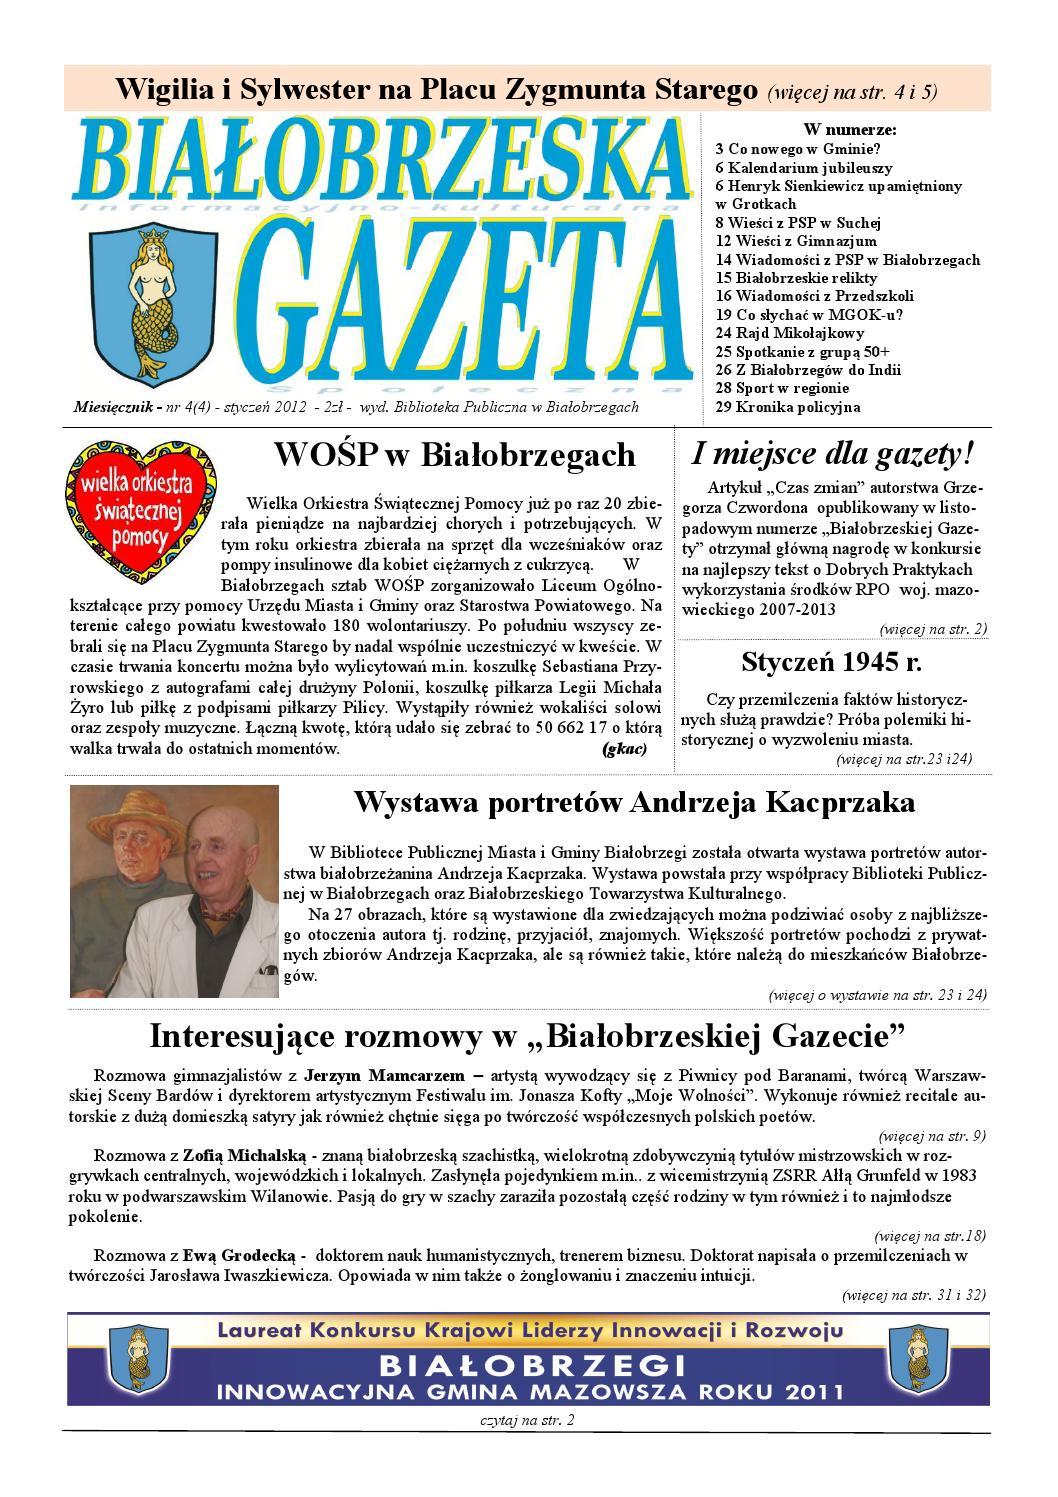 Gazeta Białobrzeska Nr 4 Styczeń 2012 By Białorzeska Gazeta